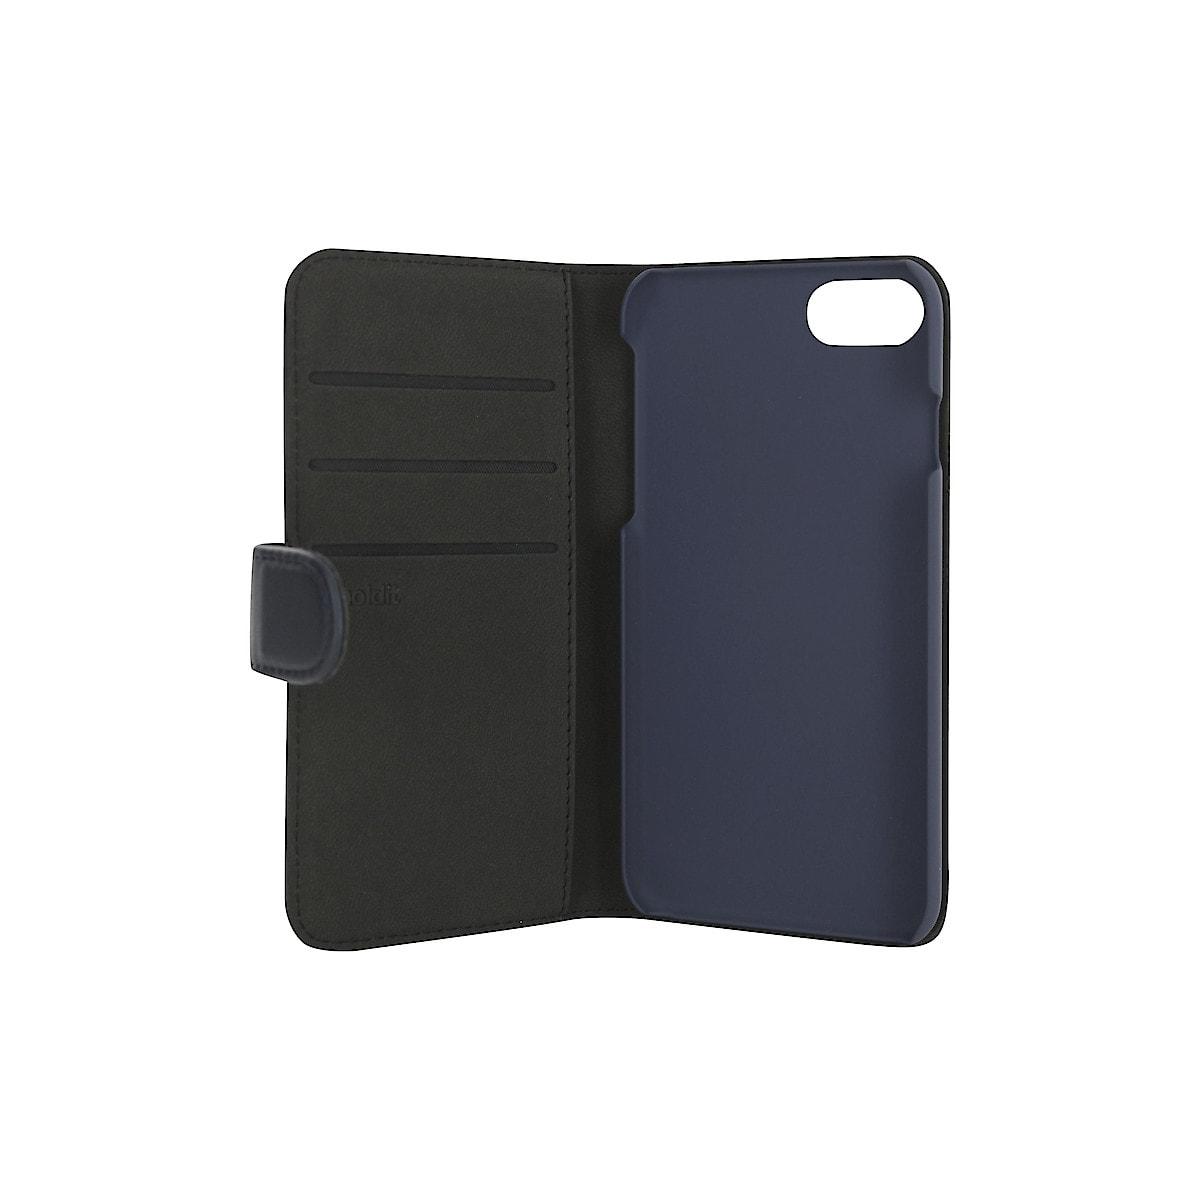 Taschenportemonnaie für iPhone 6/6s/7/8 Holdit